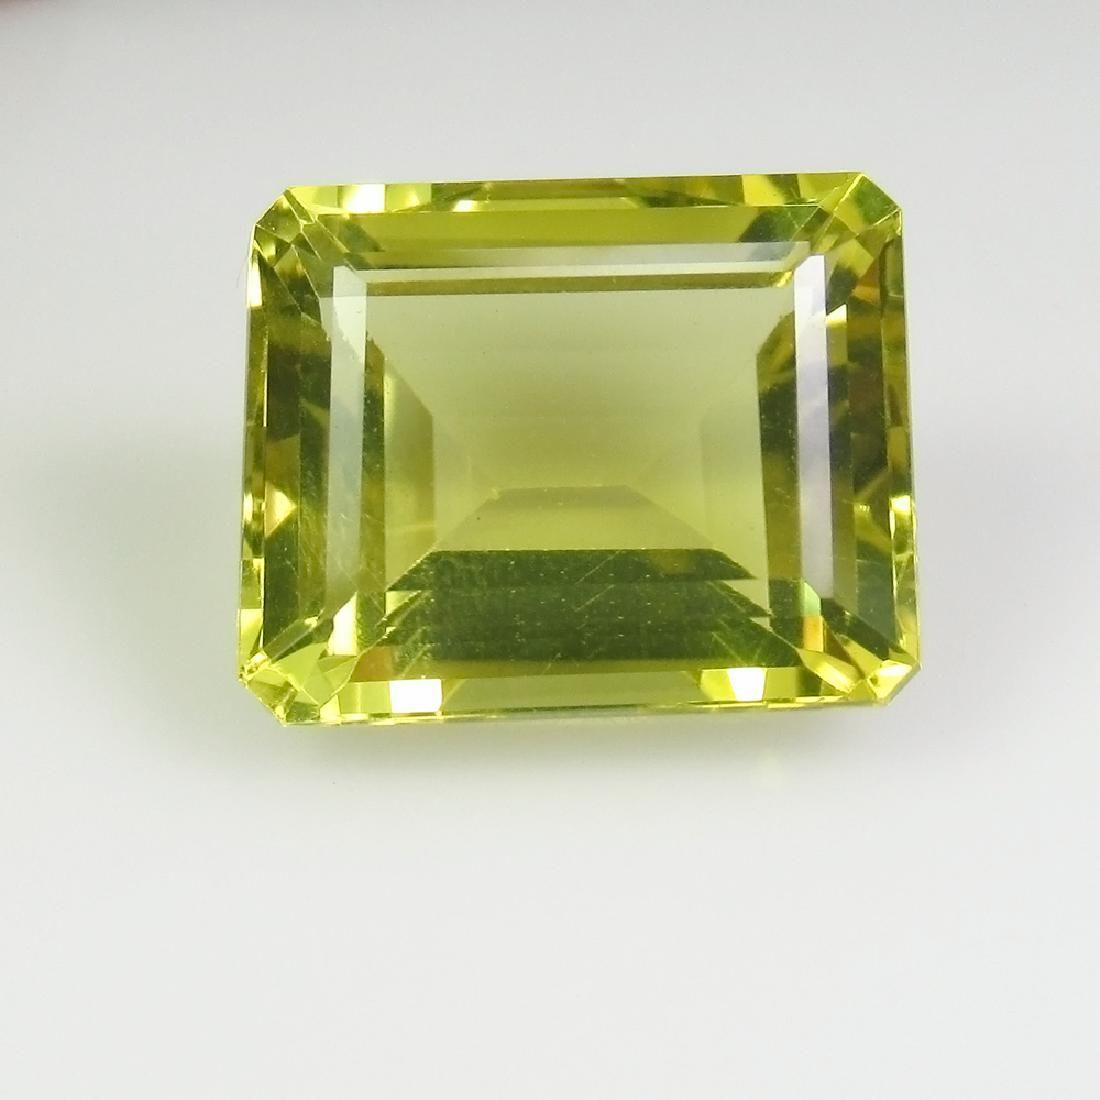 9.39 Ctw Natural Lemon Quartz 14X11.5 mm Octagon Cut